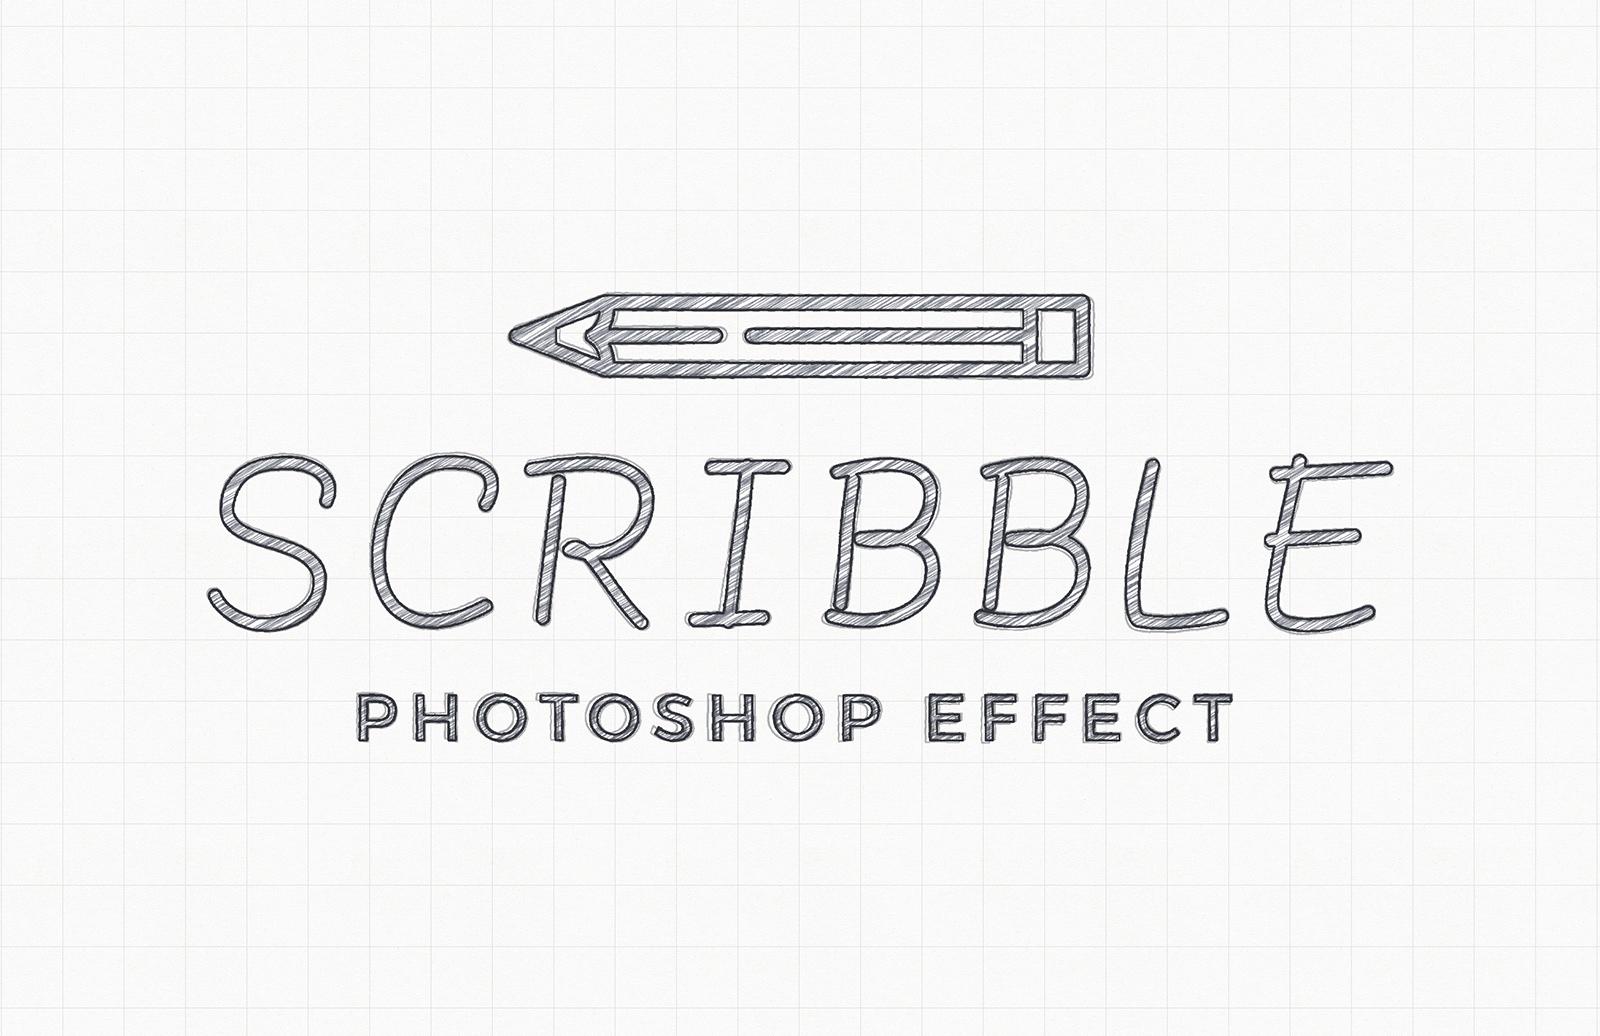 Scribble Photoshop Effect Mockup